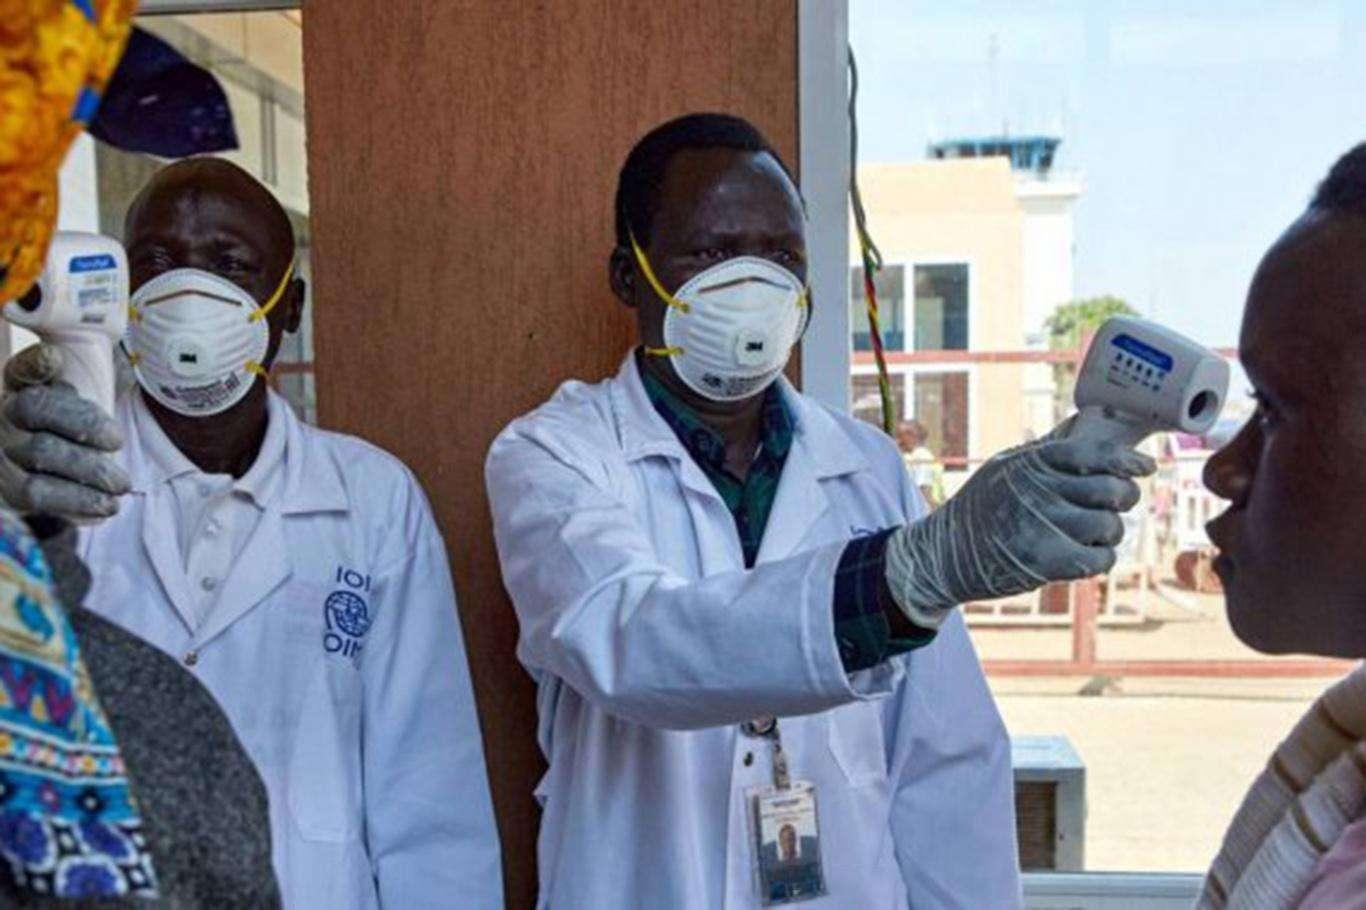 Güney Afrika Cumhuriyetinde Covid-19 kaynaklı ölüm sayısı 21 bin 439a yükseldi